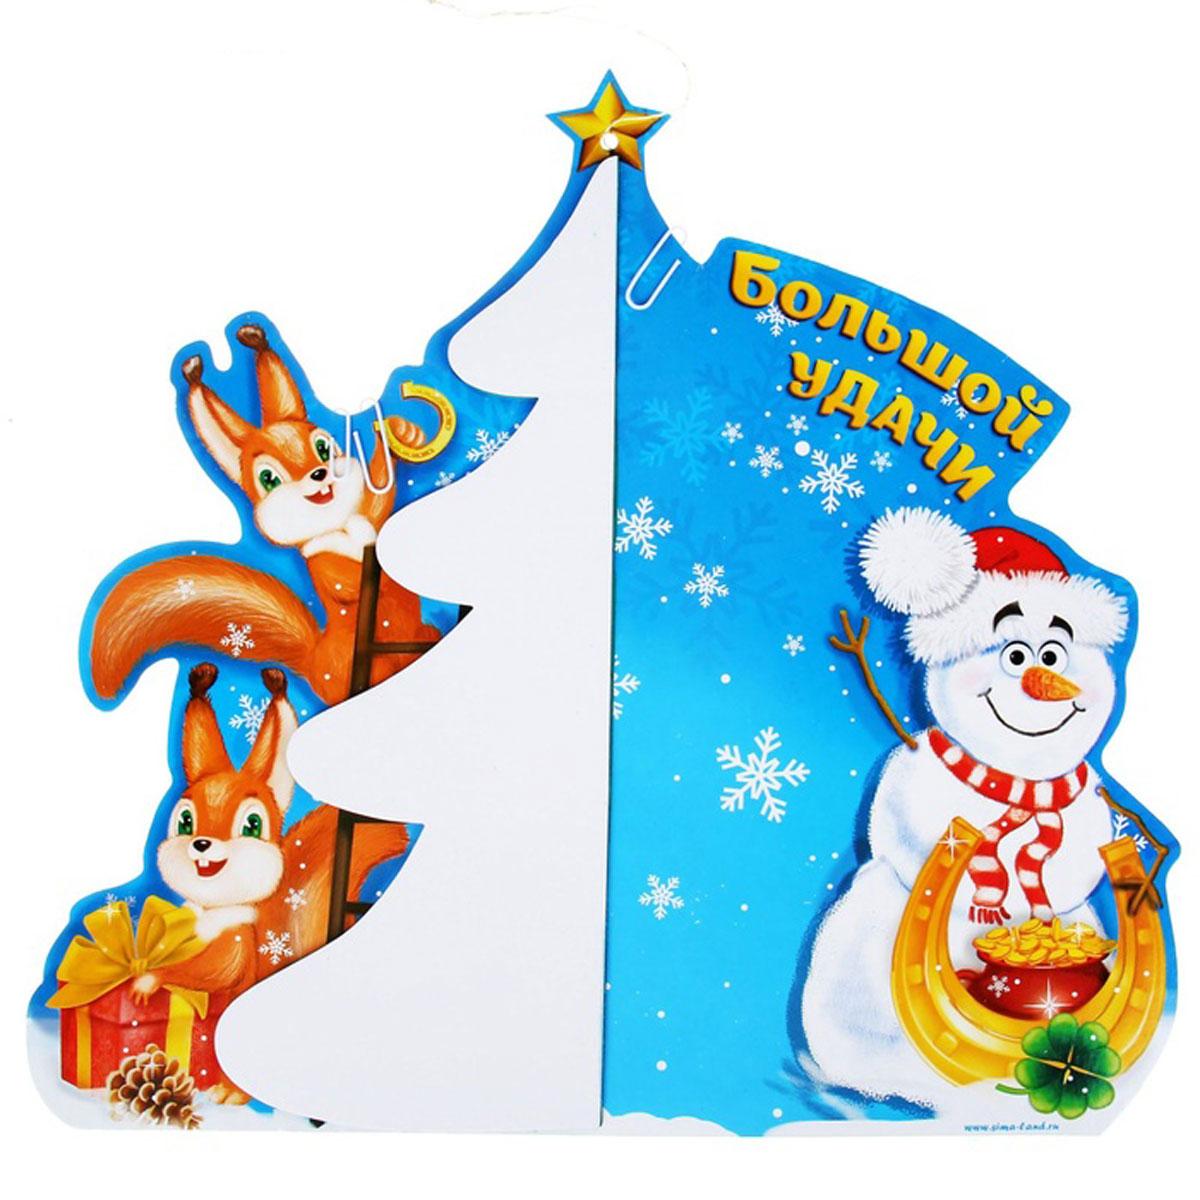 Украшение новогоднее Sima-land Большой удачи, объемное, 33 см х 32,6 см1069912Украшение новогоднее Sima-land Большой удачи, изготовленное из картона, отлично подойдет для декорации вашего дома. Украшение выполнено в виде раскрывающейся гофрированной ели, декорированной снежинками, снеговиком и бельчатами. С помощью специальной текстильной петельки его можно повесить в любом понравившемся вам месте. Новогодние украшения всегда несут в себе волшебство и красоту праздника. Создайте в своем доме атмосферу тепла, веселья и радости, украшая его всей семьей.